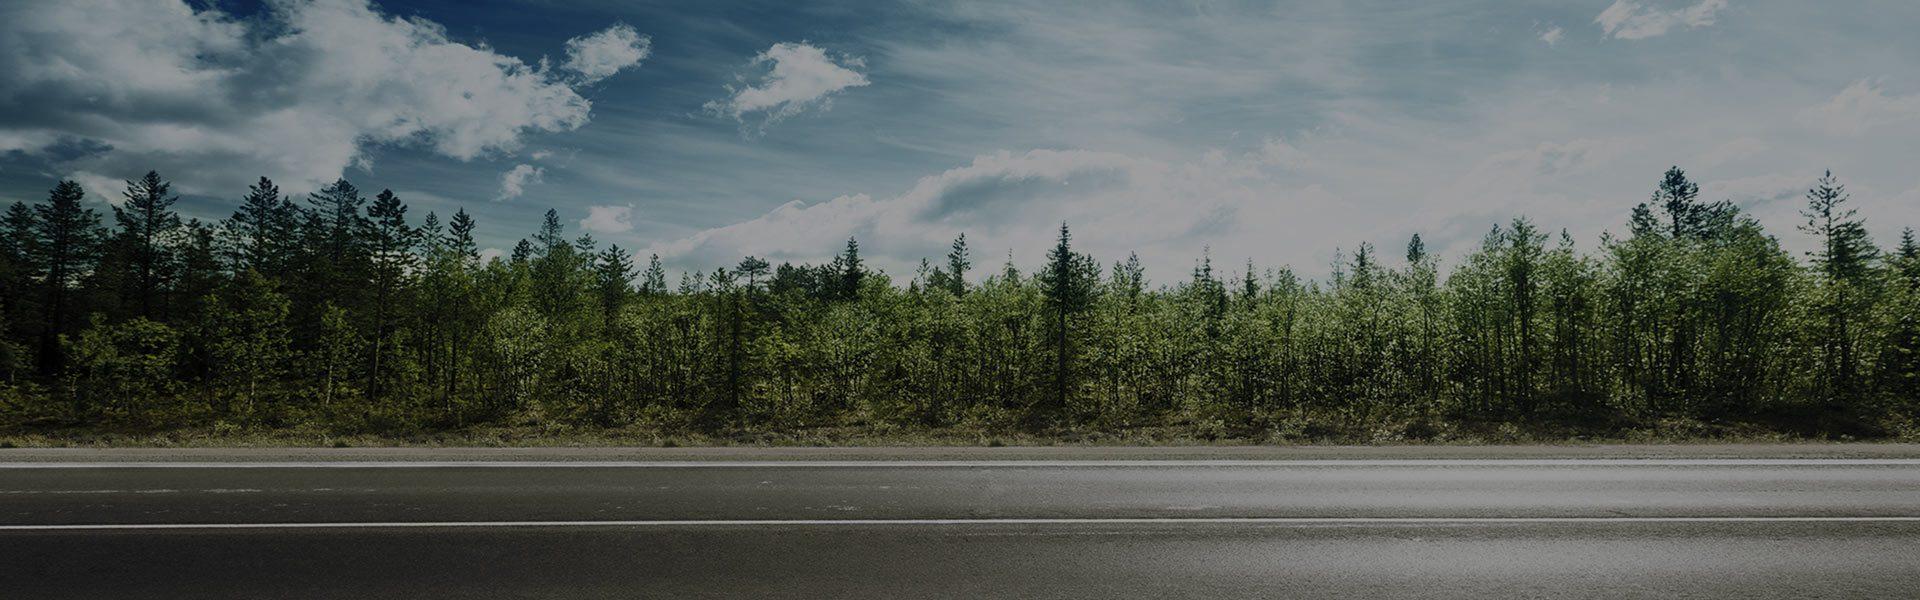 ralf-ecotyre-llantas-nuevas-baratas-y-ecologicas-en-mexico-camino